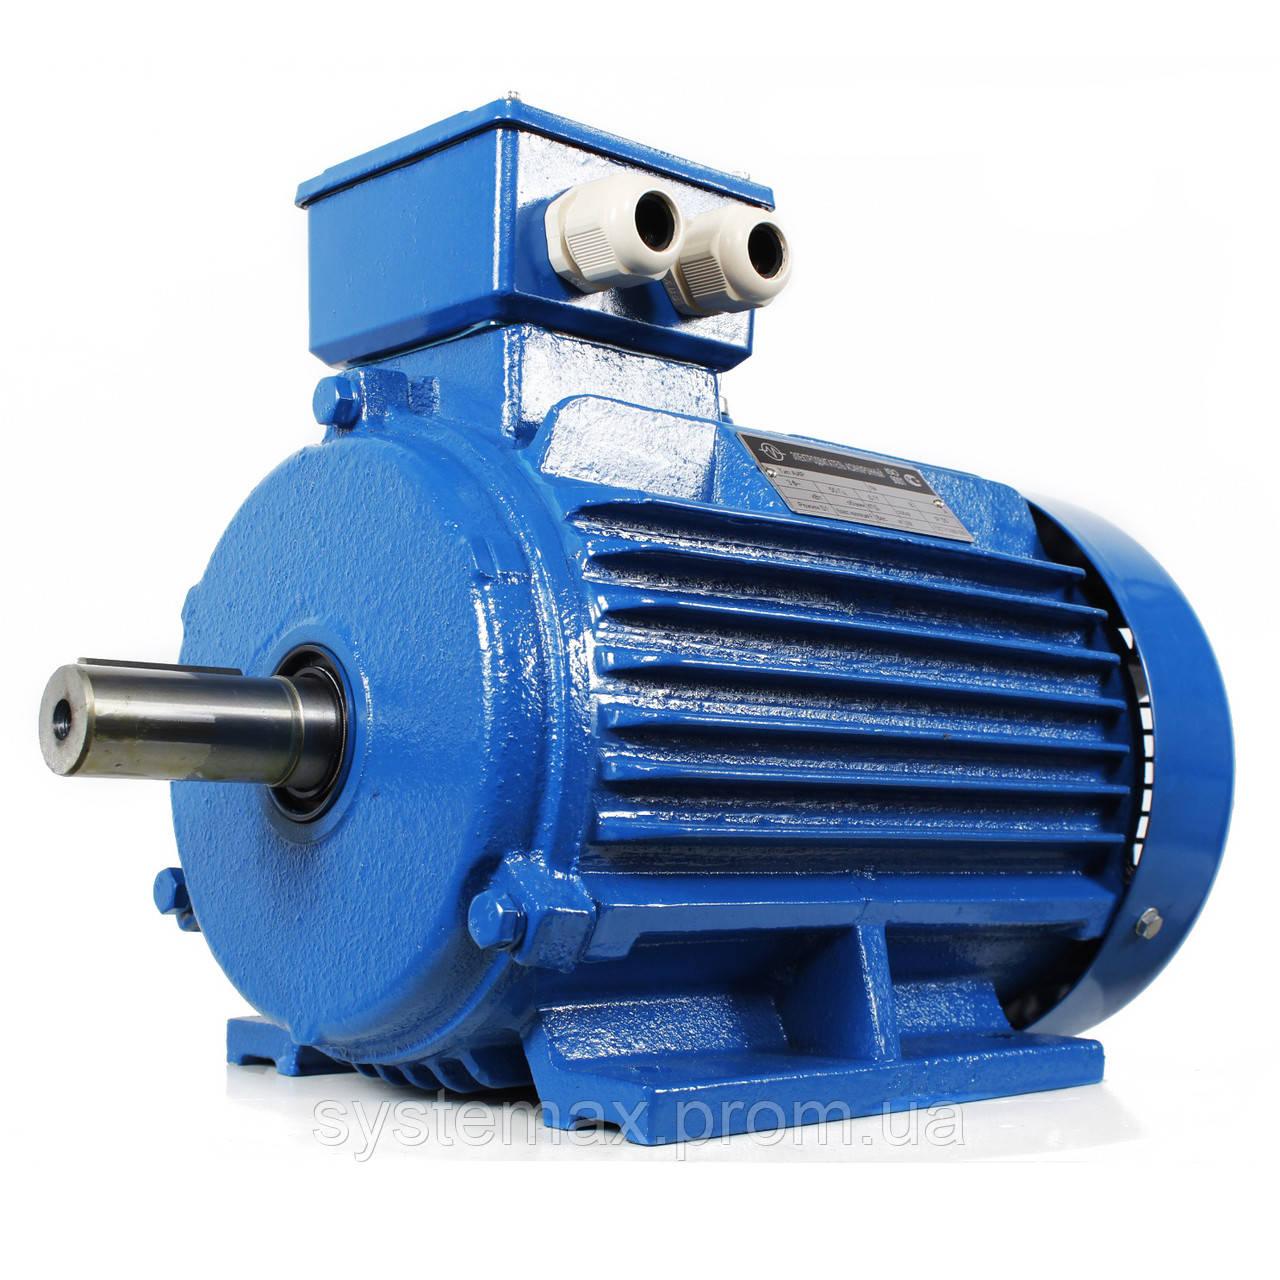 Электродвигатель АИР180М8 (АИР 180 М8) 15 кВт 750 об/мин